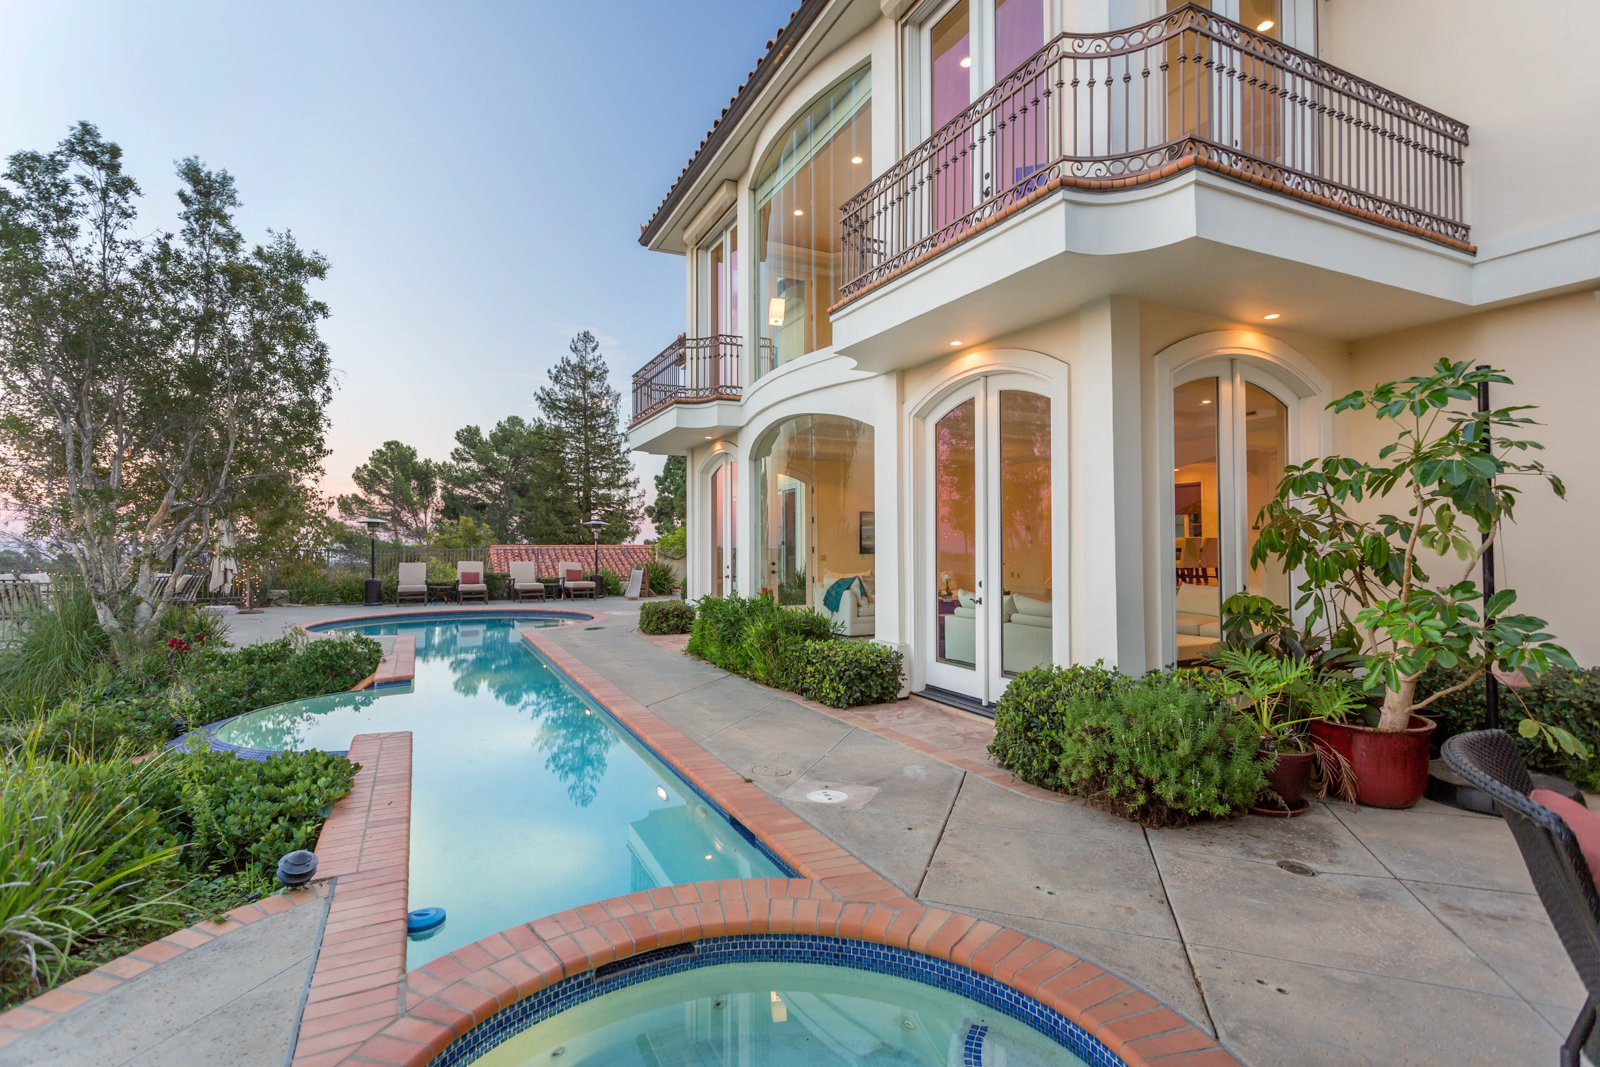 Mediterranean Villa in Bel Air